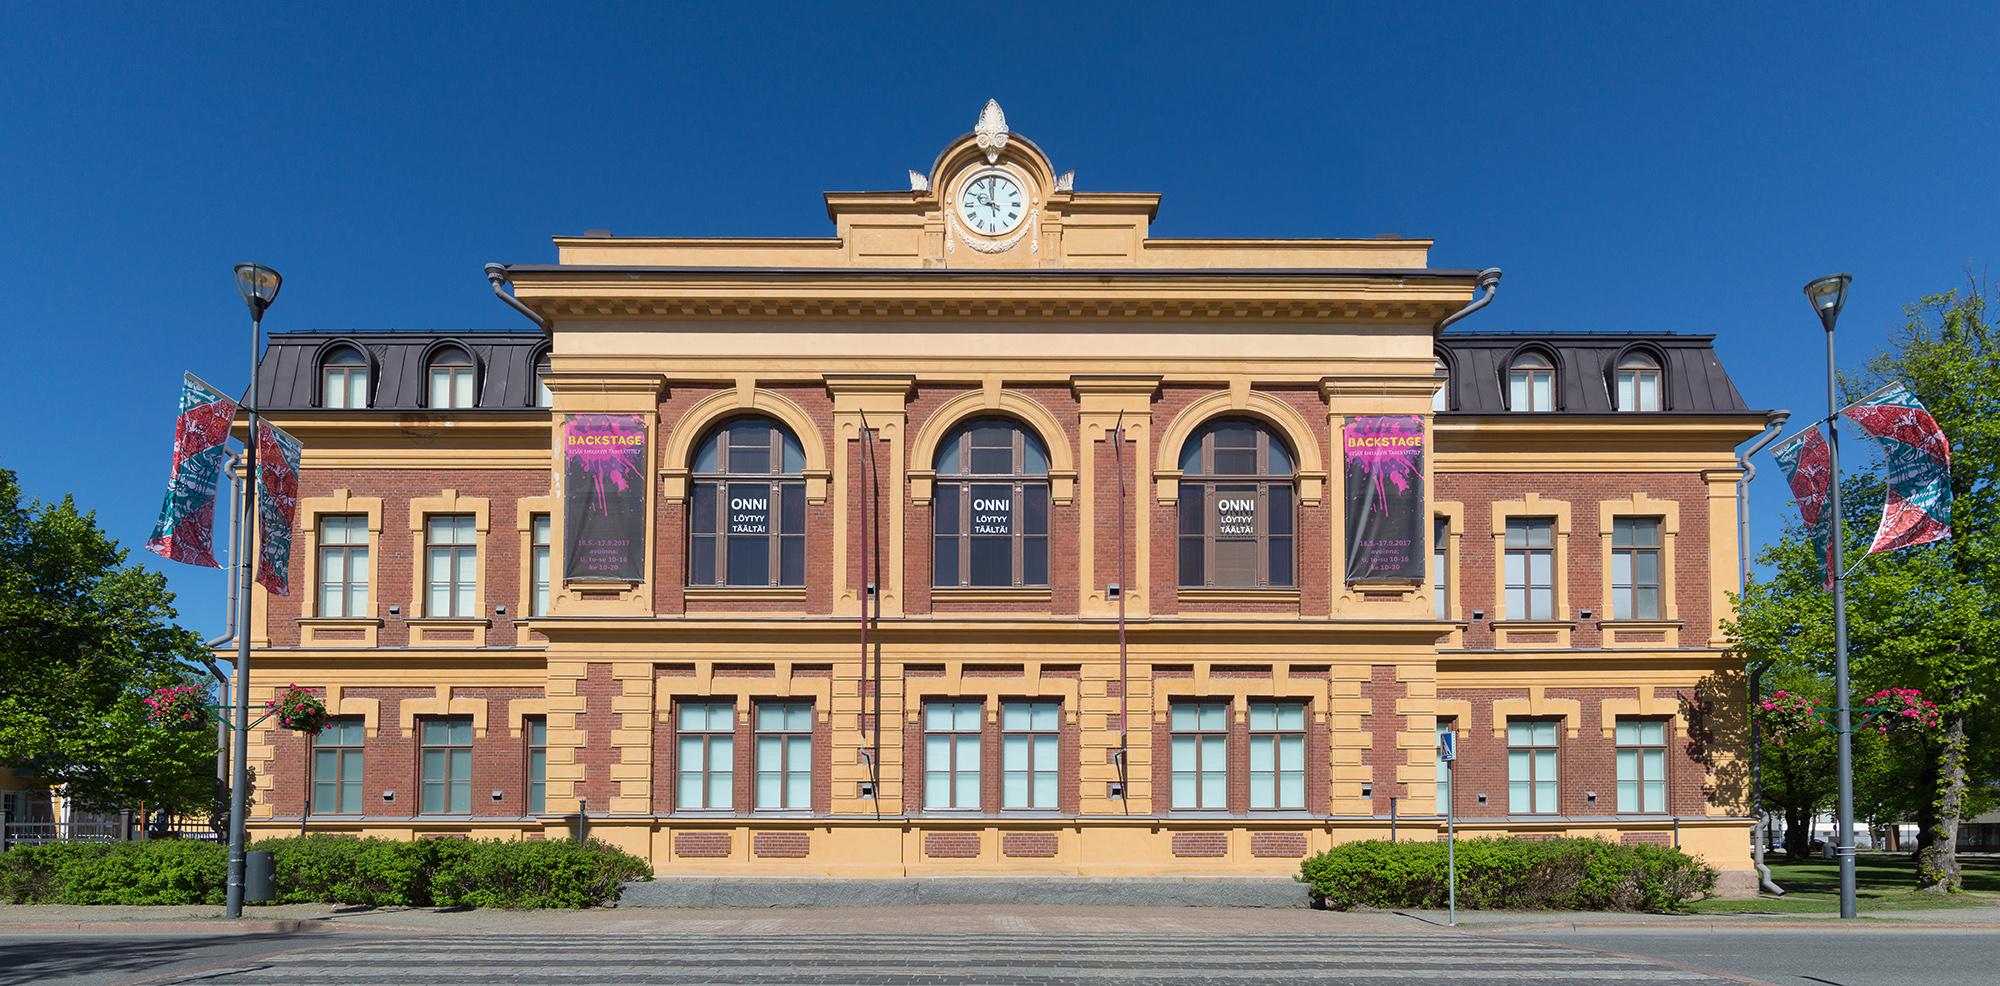 https://joensuuntaidemuseo.fi/documents/2674990/3628140/Joensuun+taidemuseo+kes%C3%A4kuva+2017.jpg/51eba23e-0331-f34b-d401-2468add49419?t=1555587183742